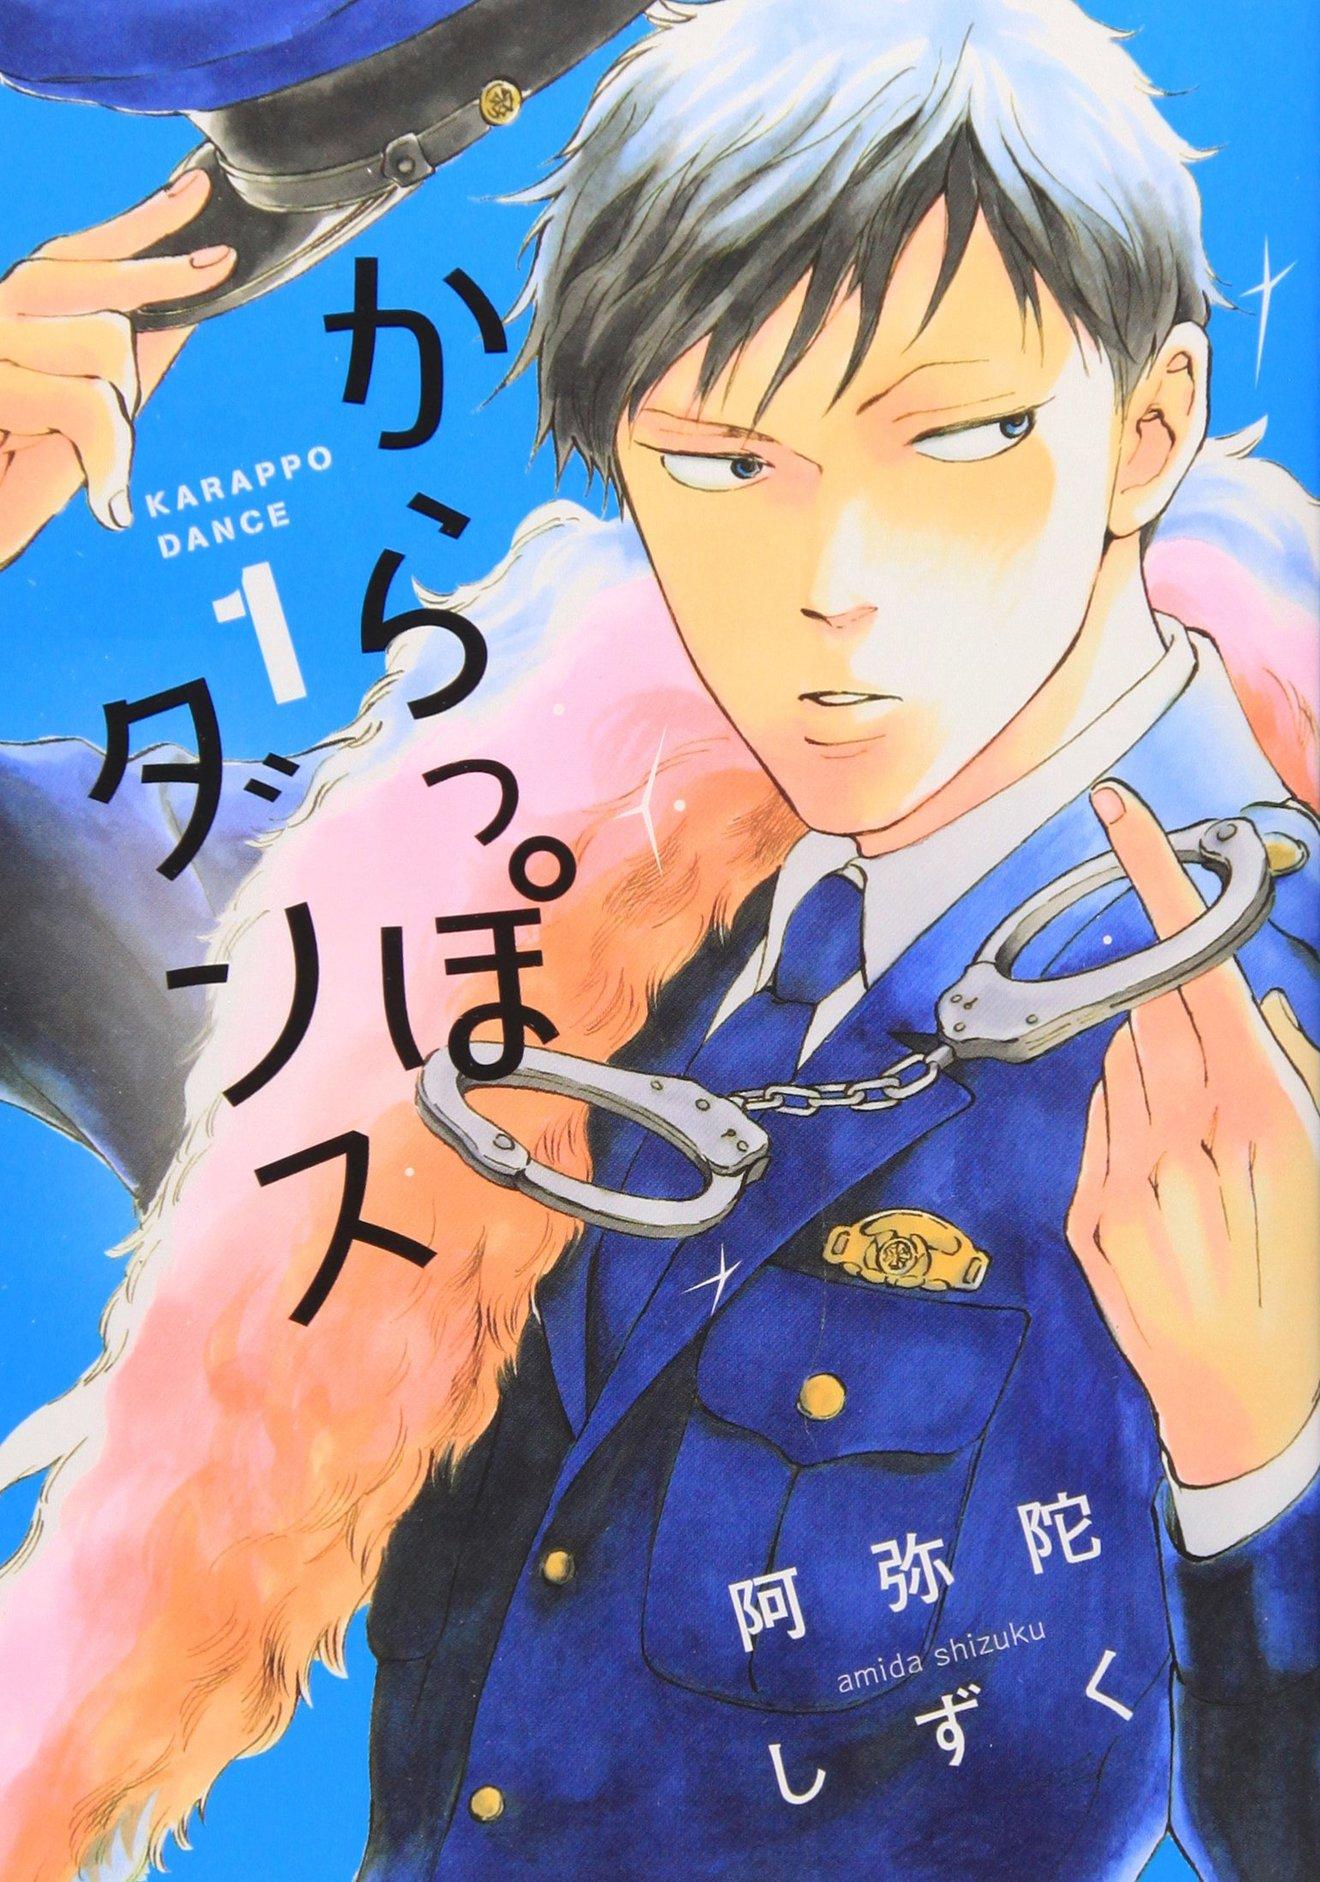 漫画『からっぽダンス』のドルオタ×変態なカップルの恋を全巻ネタバレ紹介!